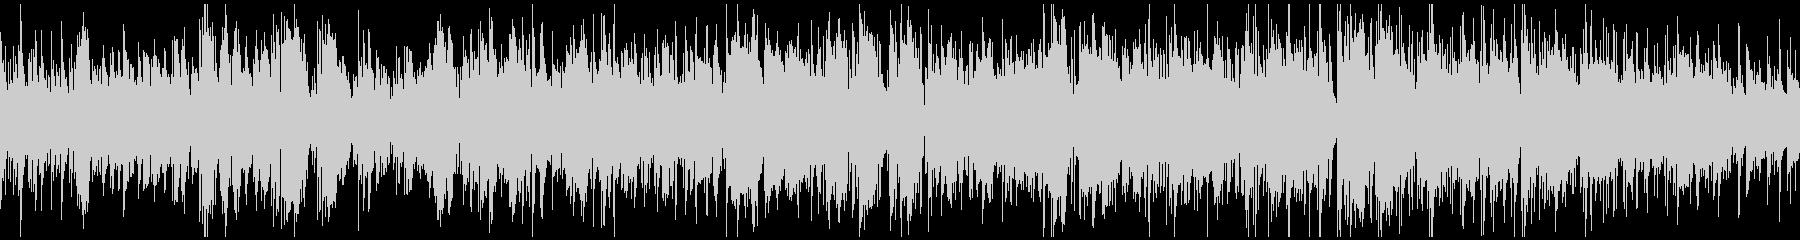 カフェテリアのおしゃれボサノバ※ループ版の未再生の波形